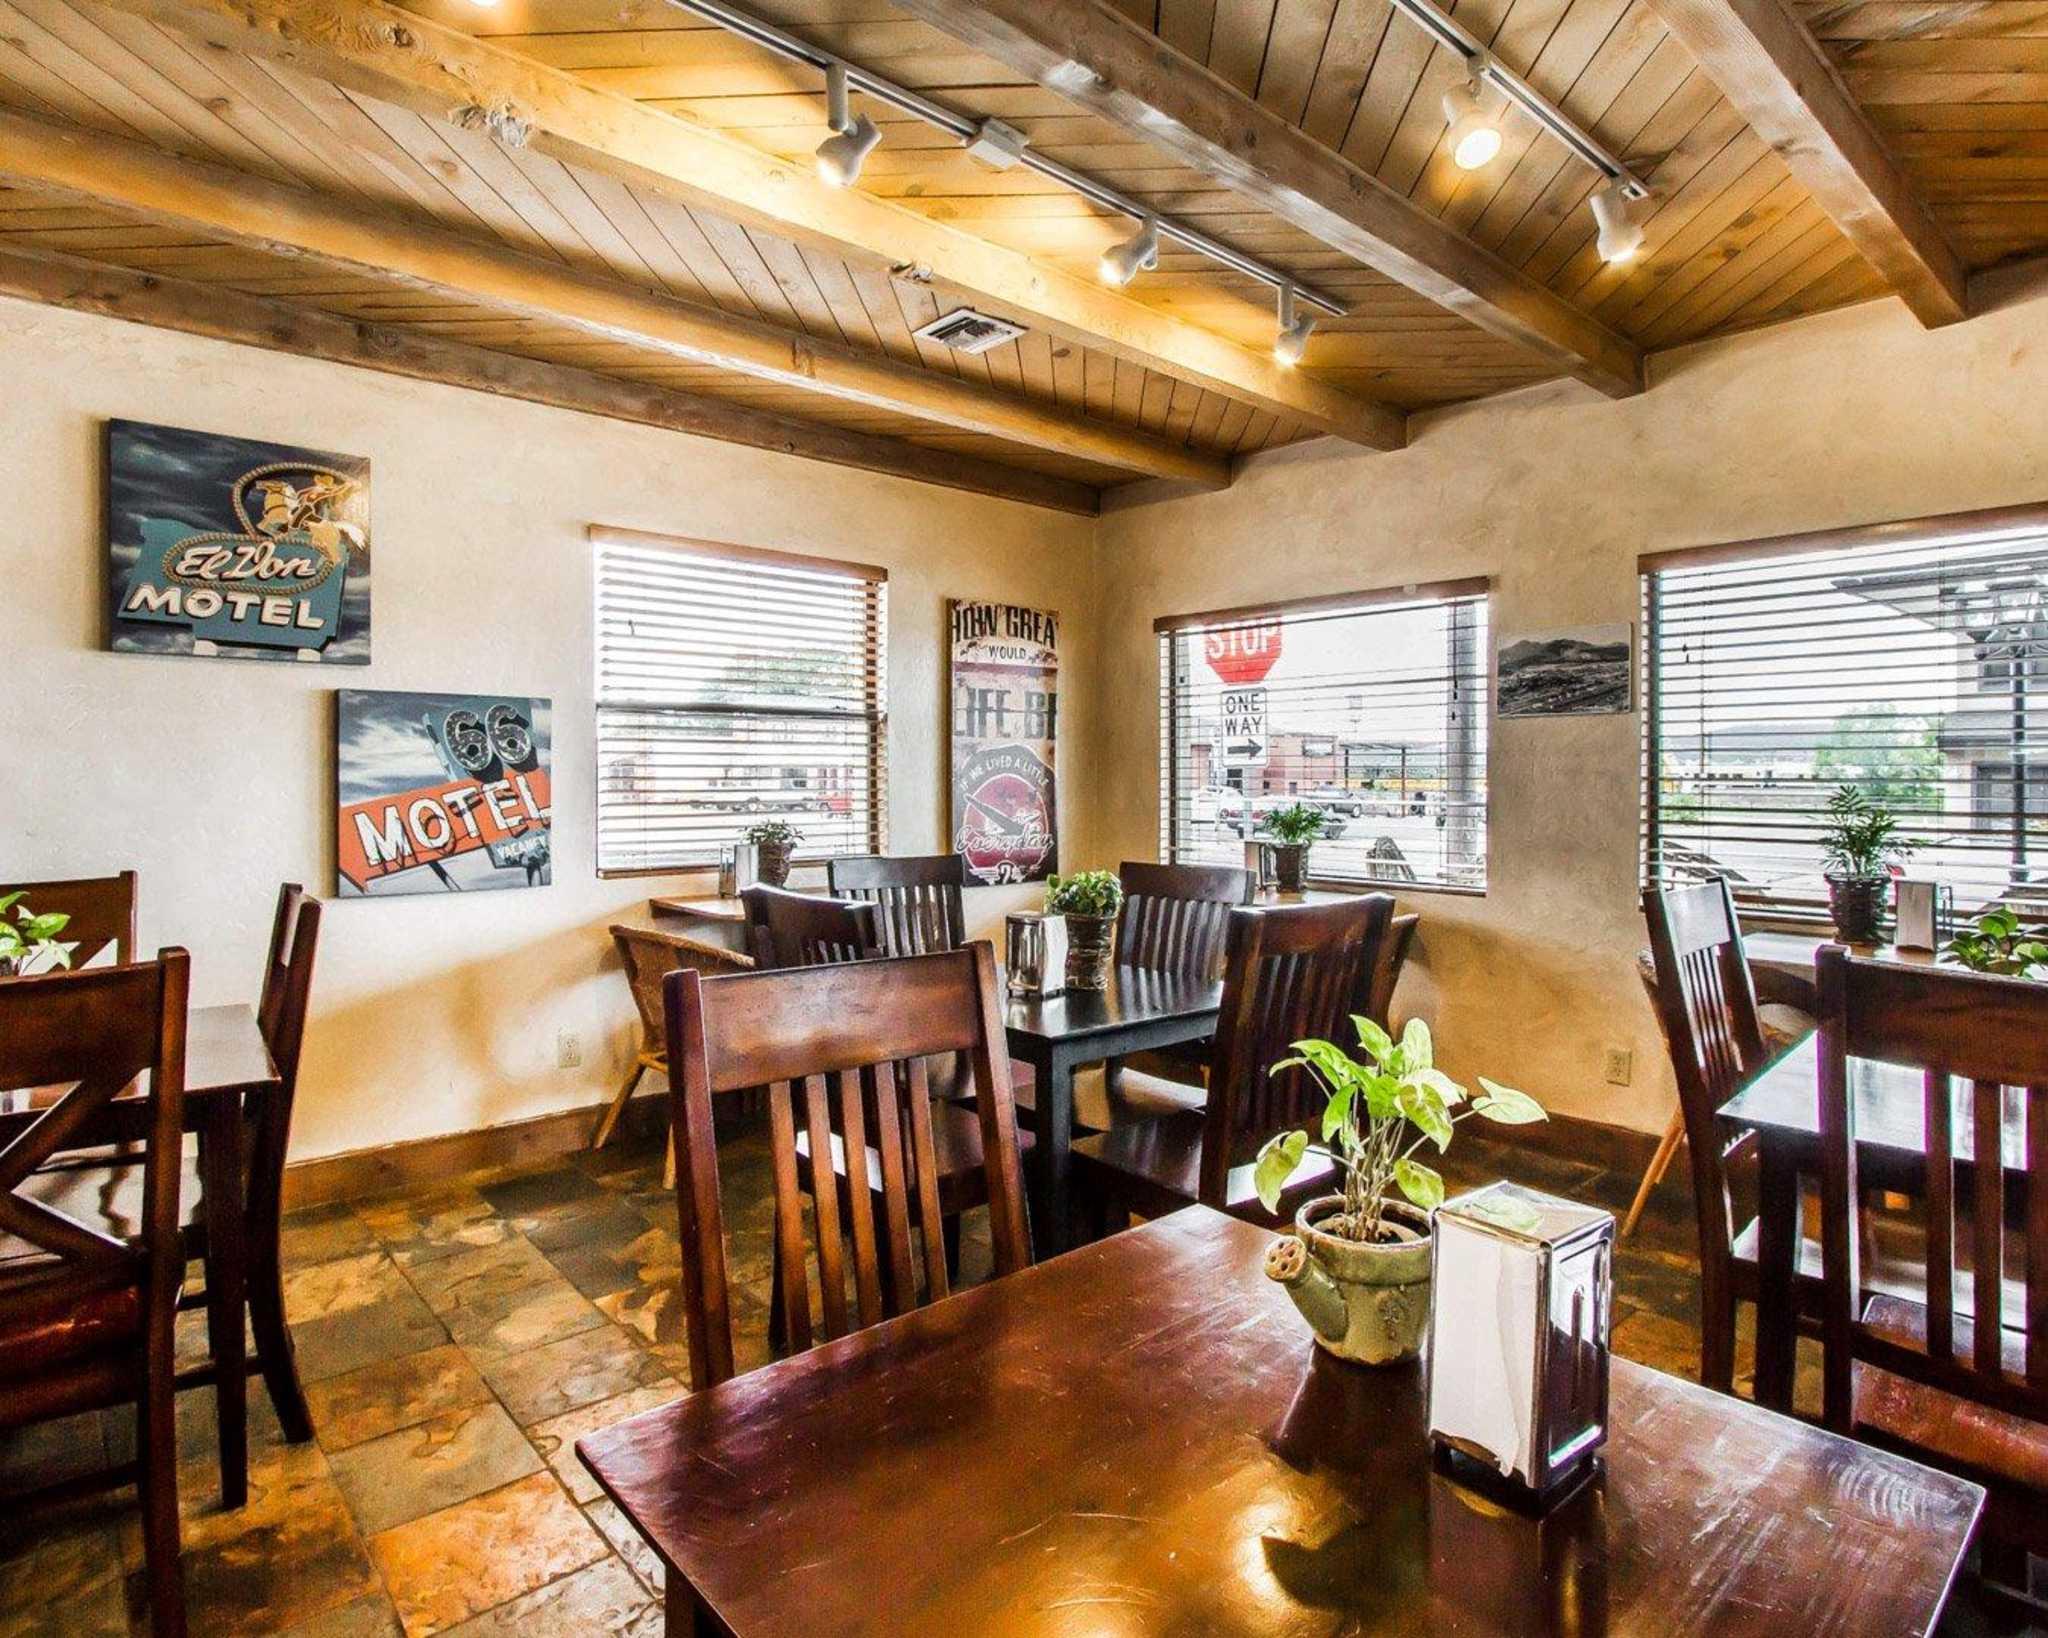 Rodeway Inn & Suites Downtowner-Rte 66 image 21